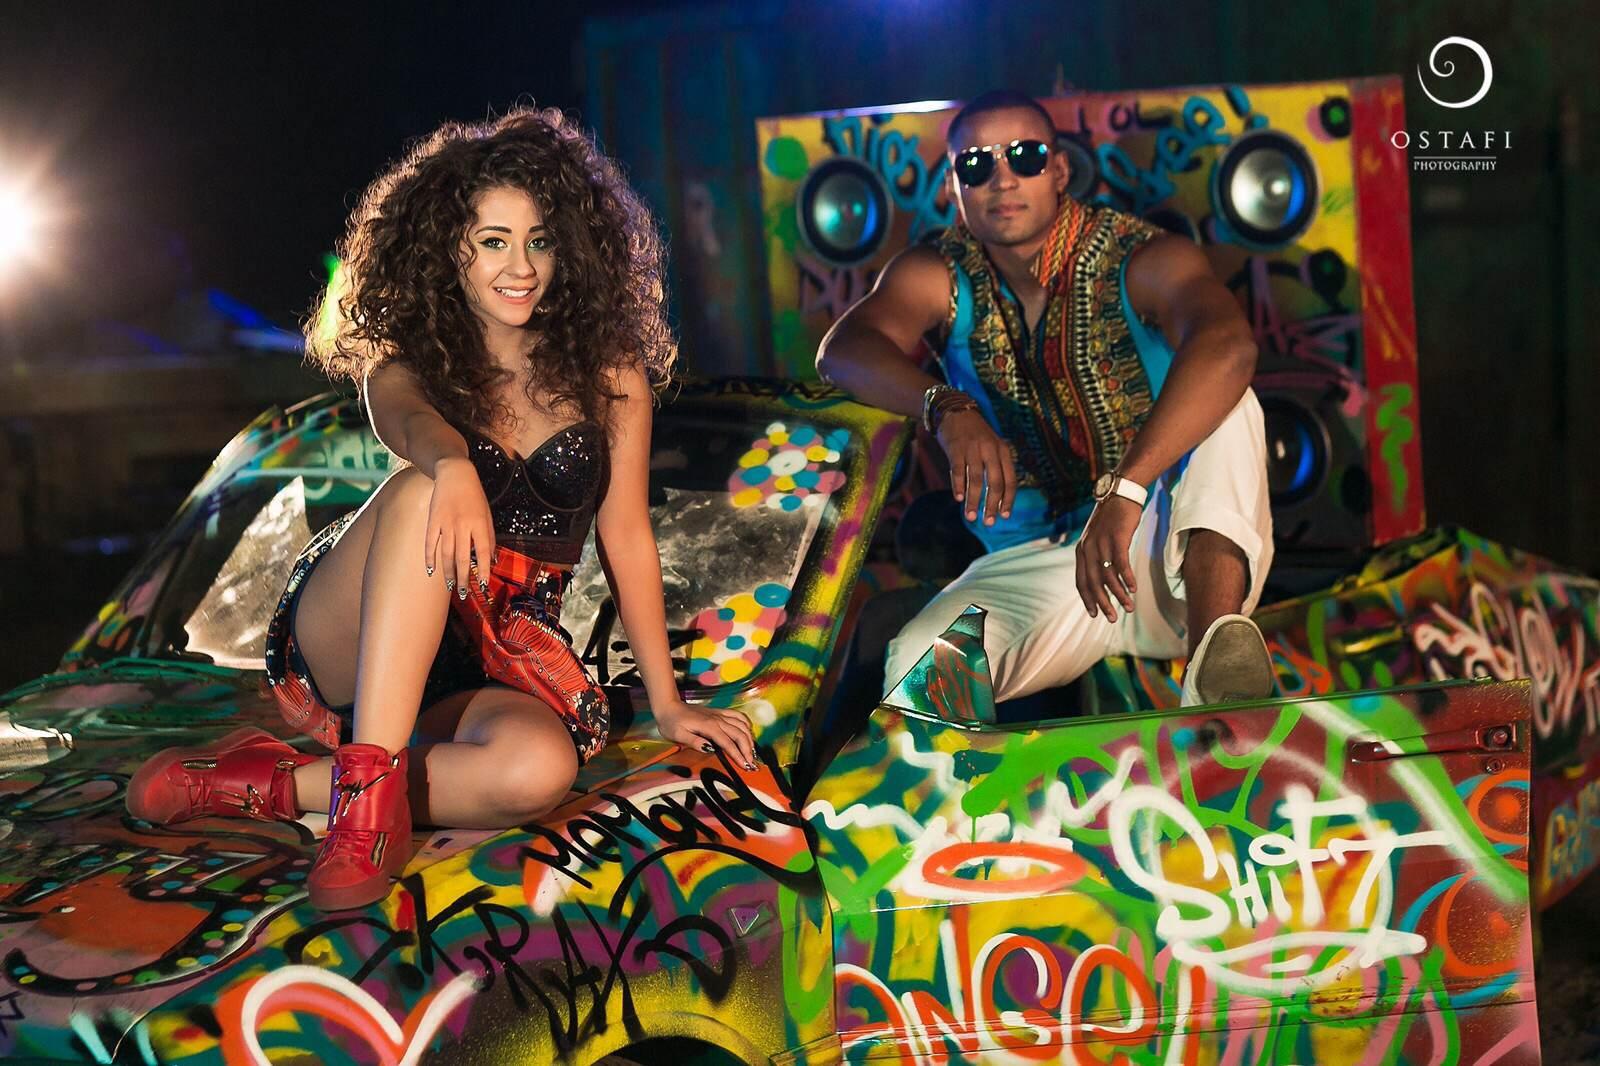 Nicole Cherry a lansat alaturi de Mohombi videoclipul pentru 'Vive la vida', unul din hiturile europene ale acestei toamne